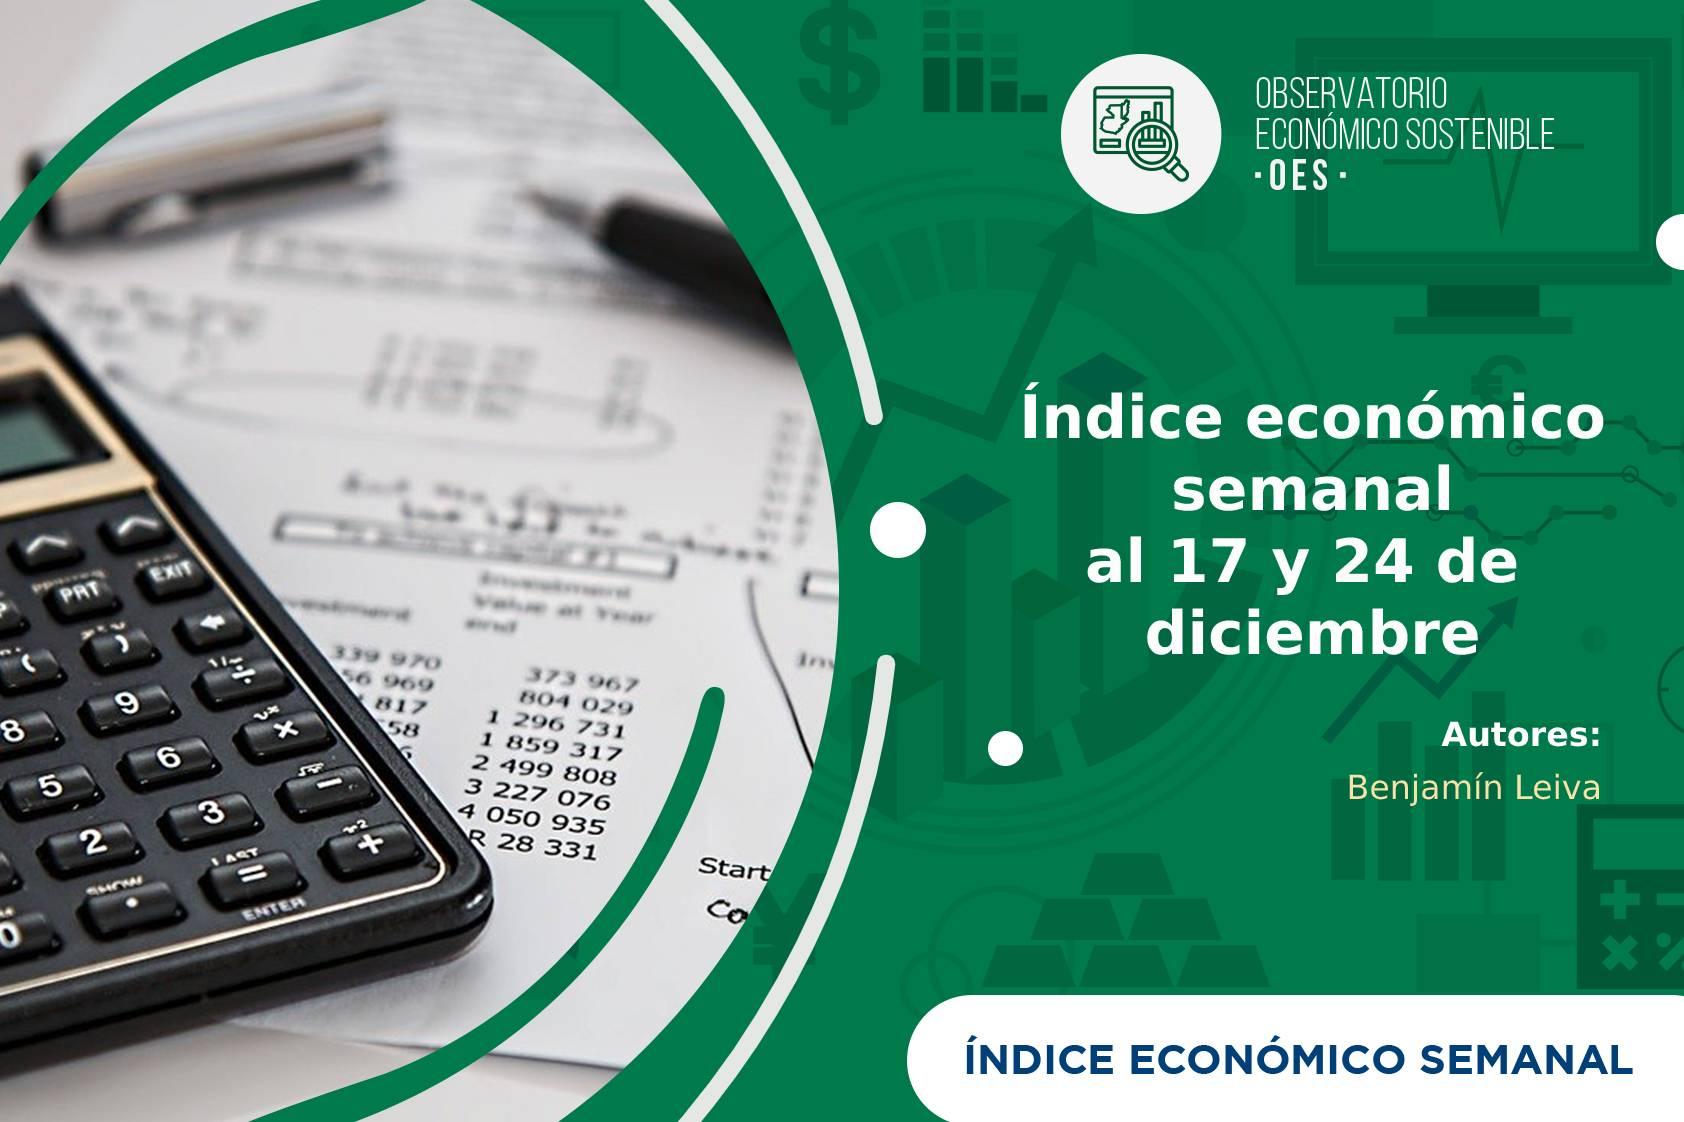 El IES continuó con fuertes mejoras para las semanas del 17 y 24 de diciembre